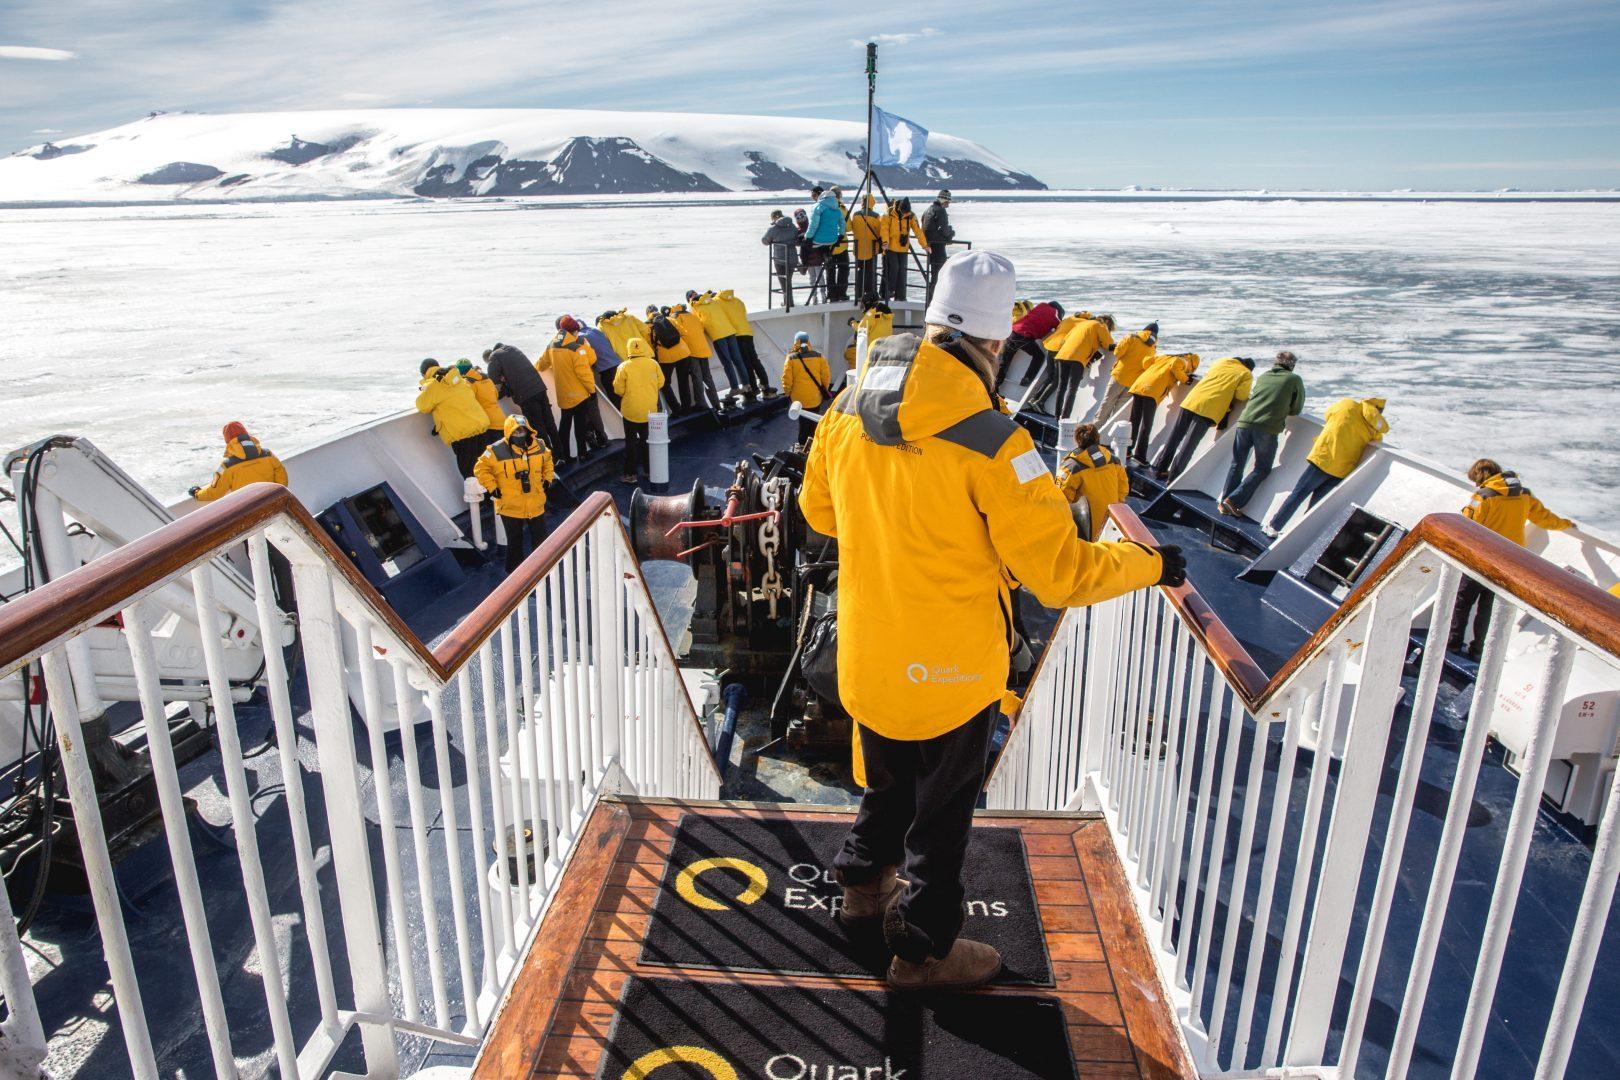 Ocean Adventurer A Contemporary New Polar Expedition Ship